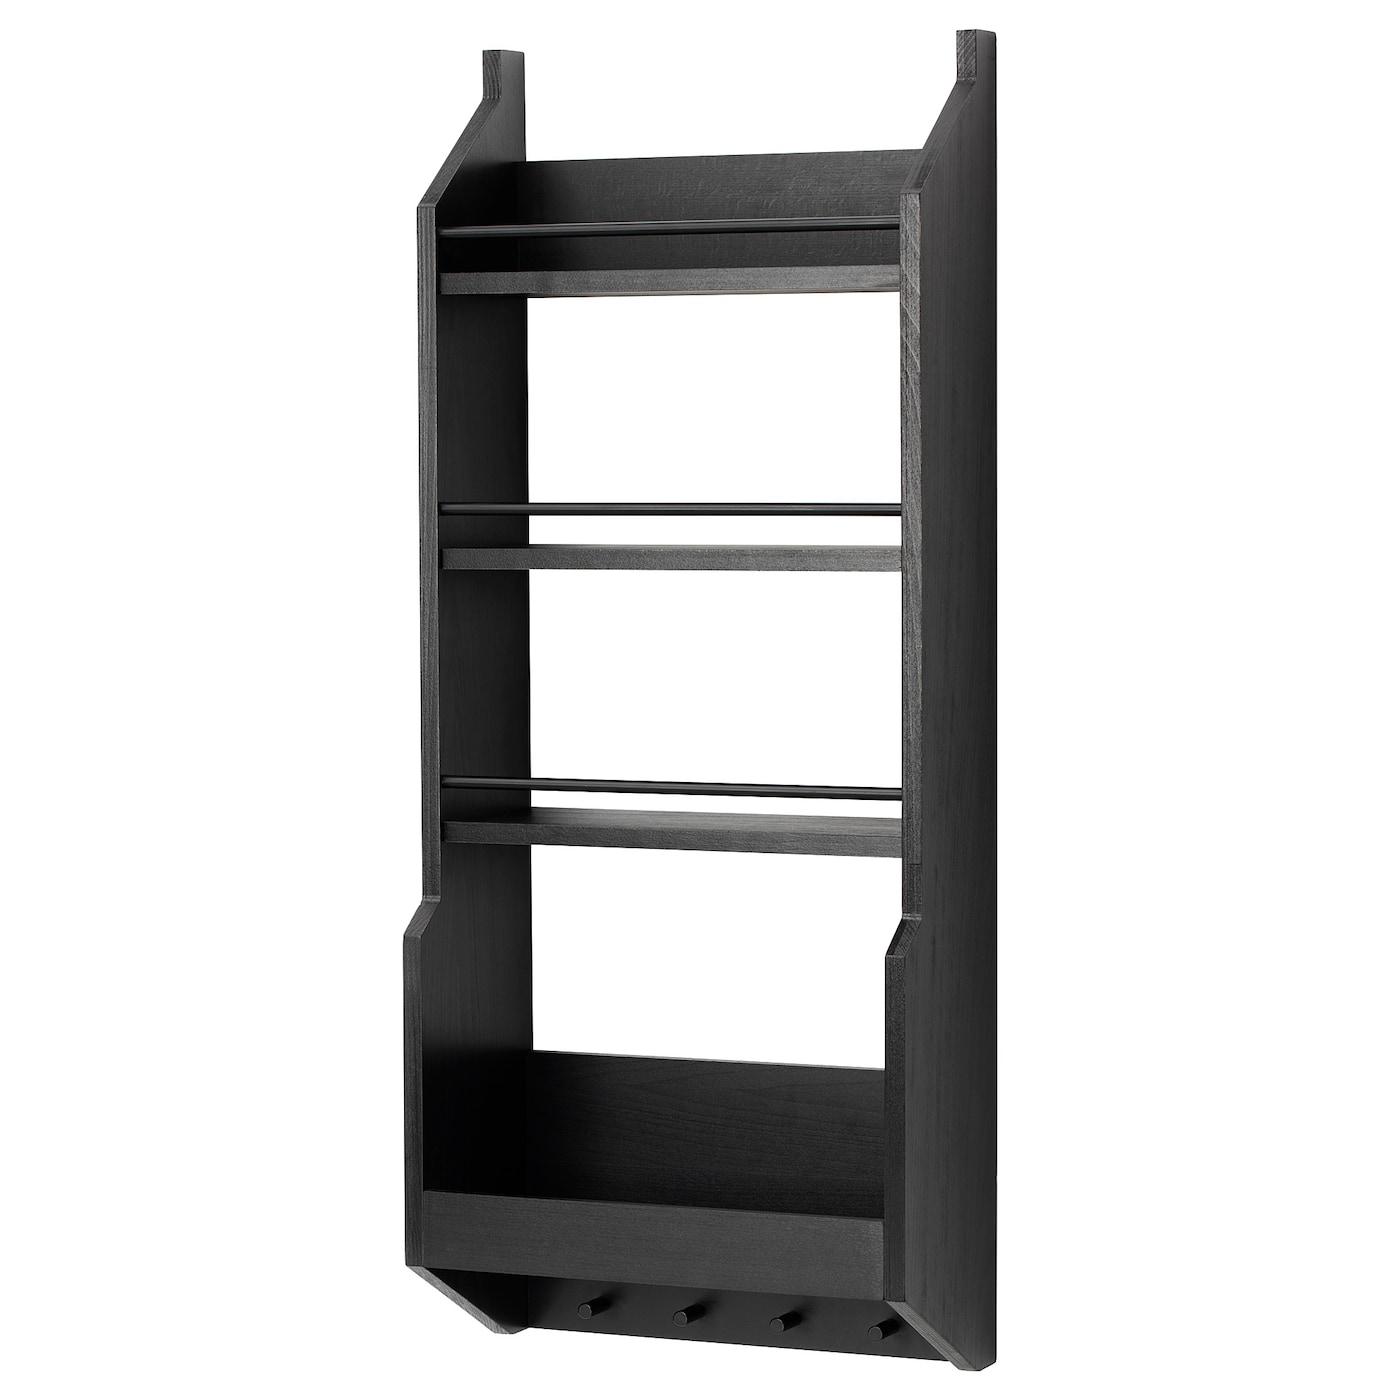 Kitchen Shelves At Ikea: Kitchen Shelves